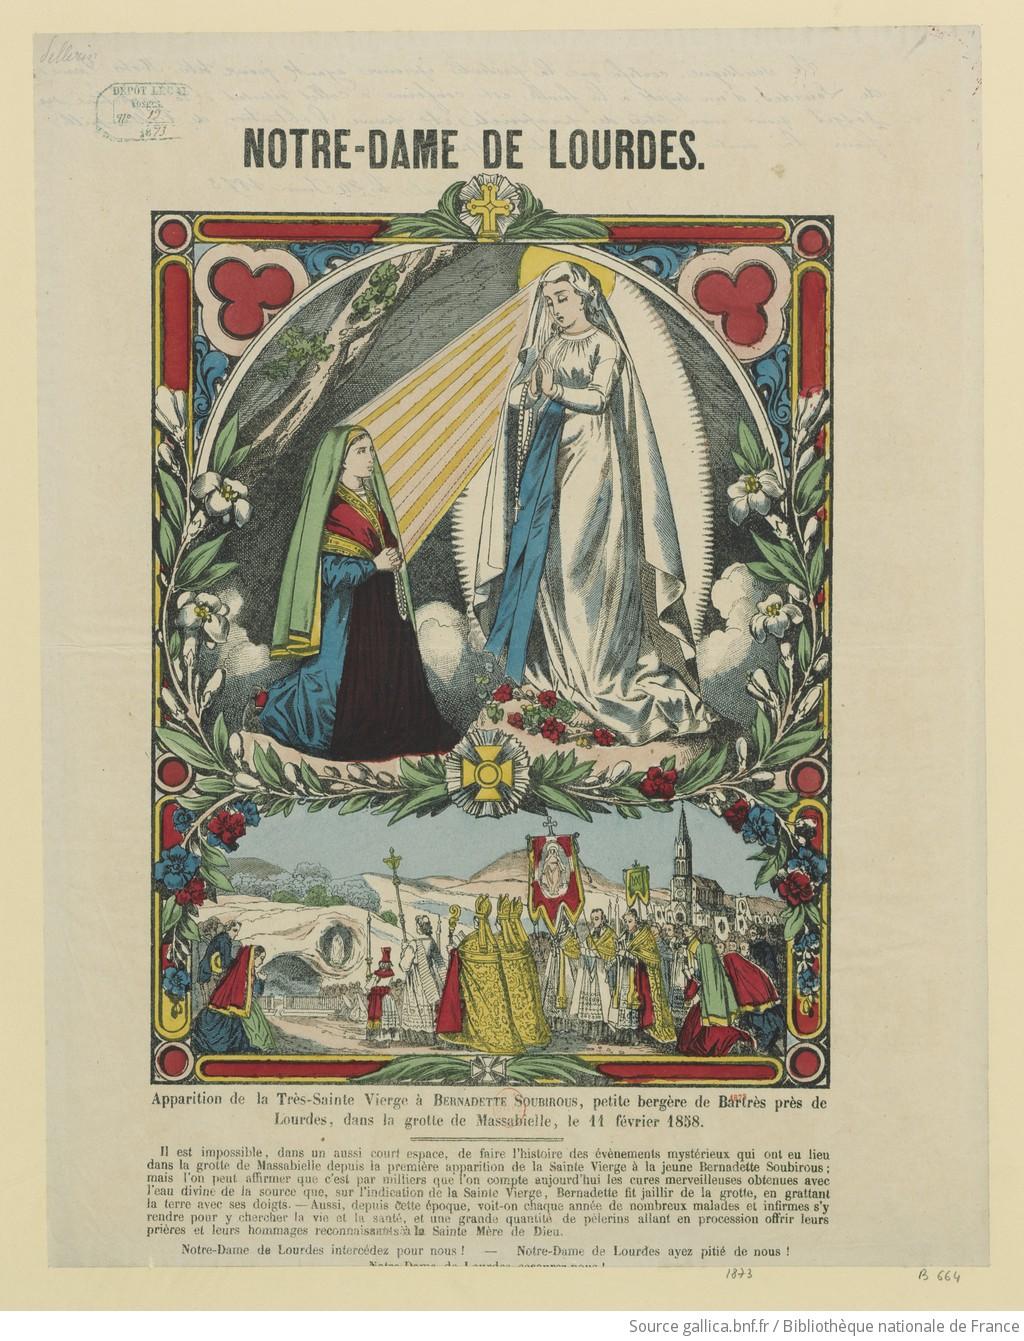 Notre Dame de Lourdes dans images sacrée